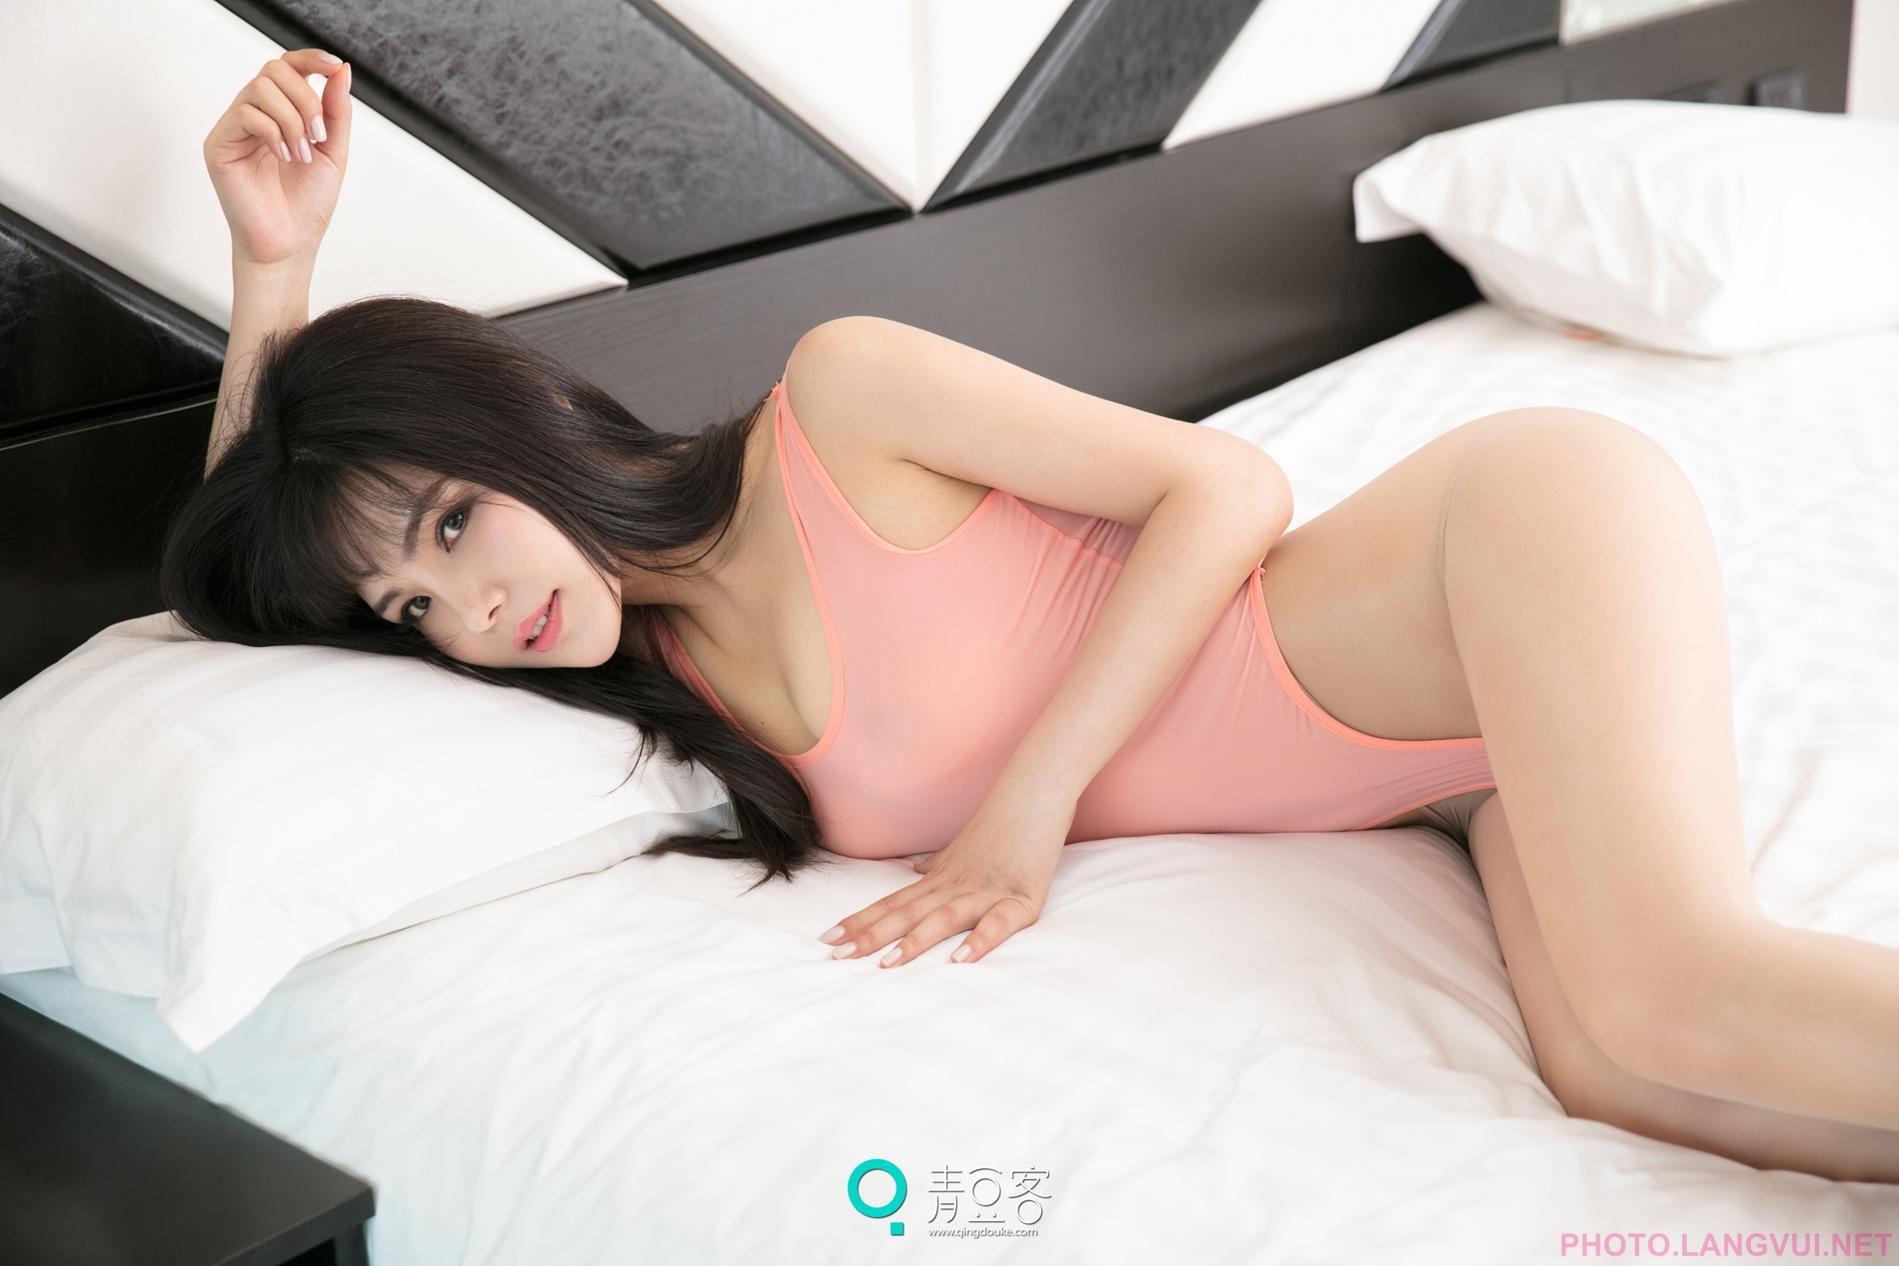 QingDouKe Vol 2017 06 18